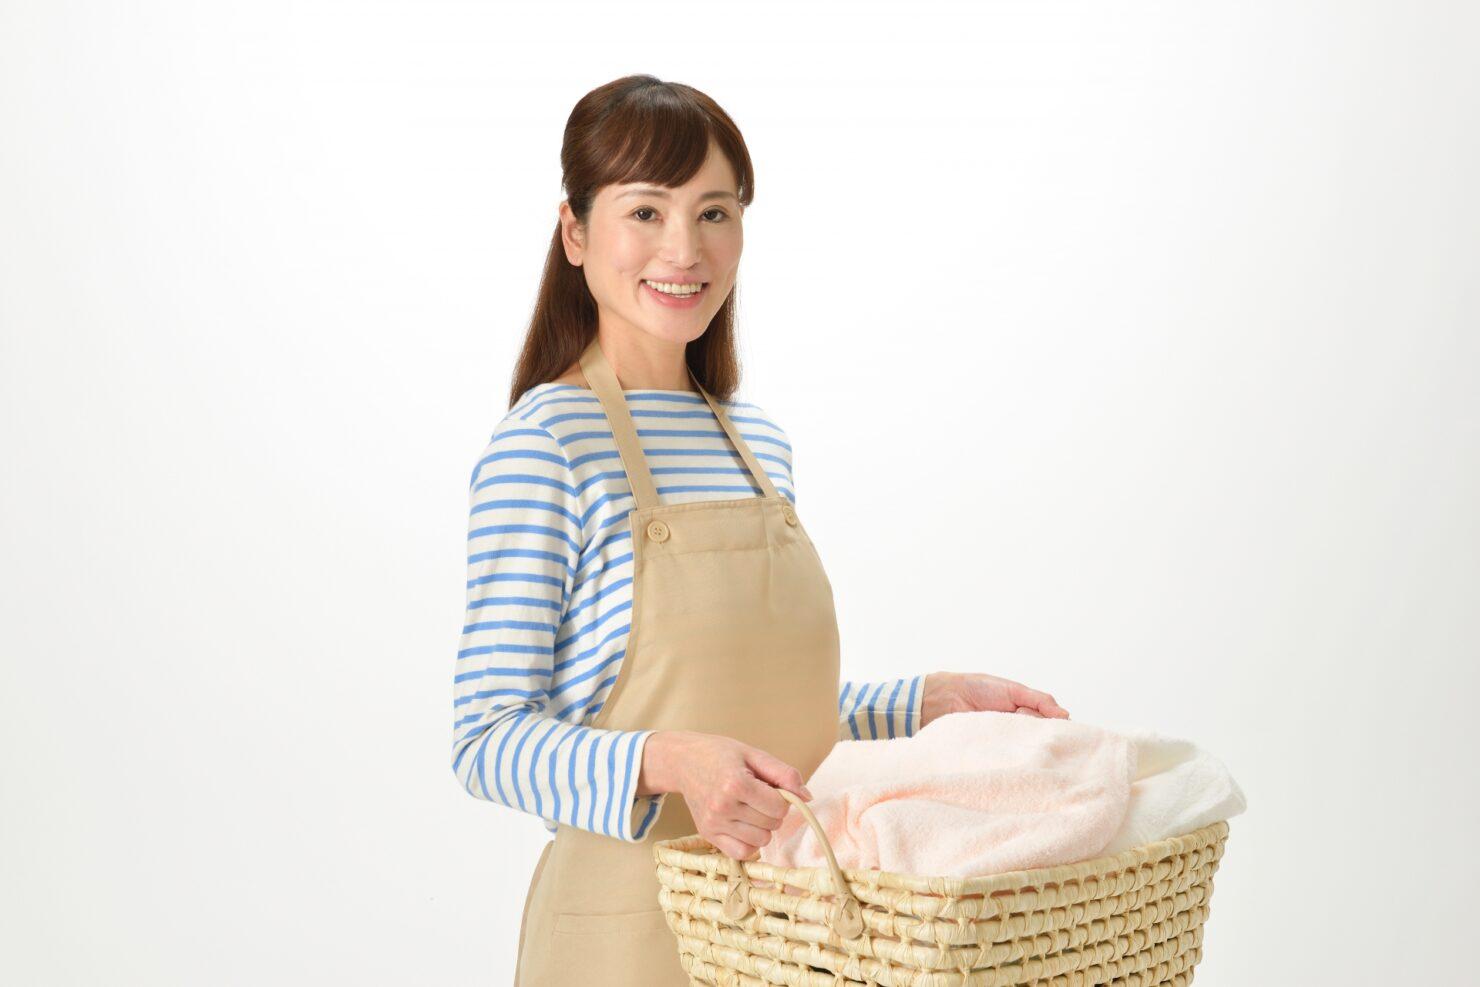 選び方のポイント3.毎日の洗濯に耐えられる丈夫なもの